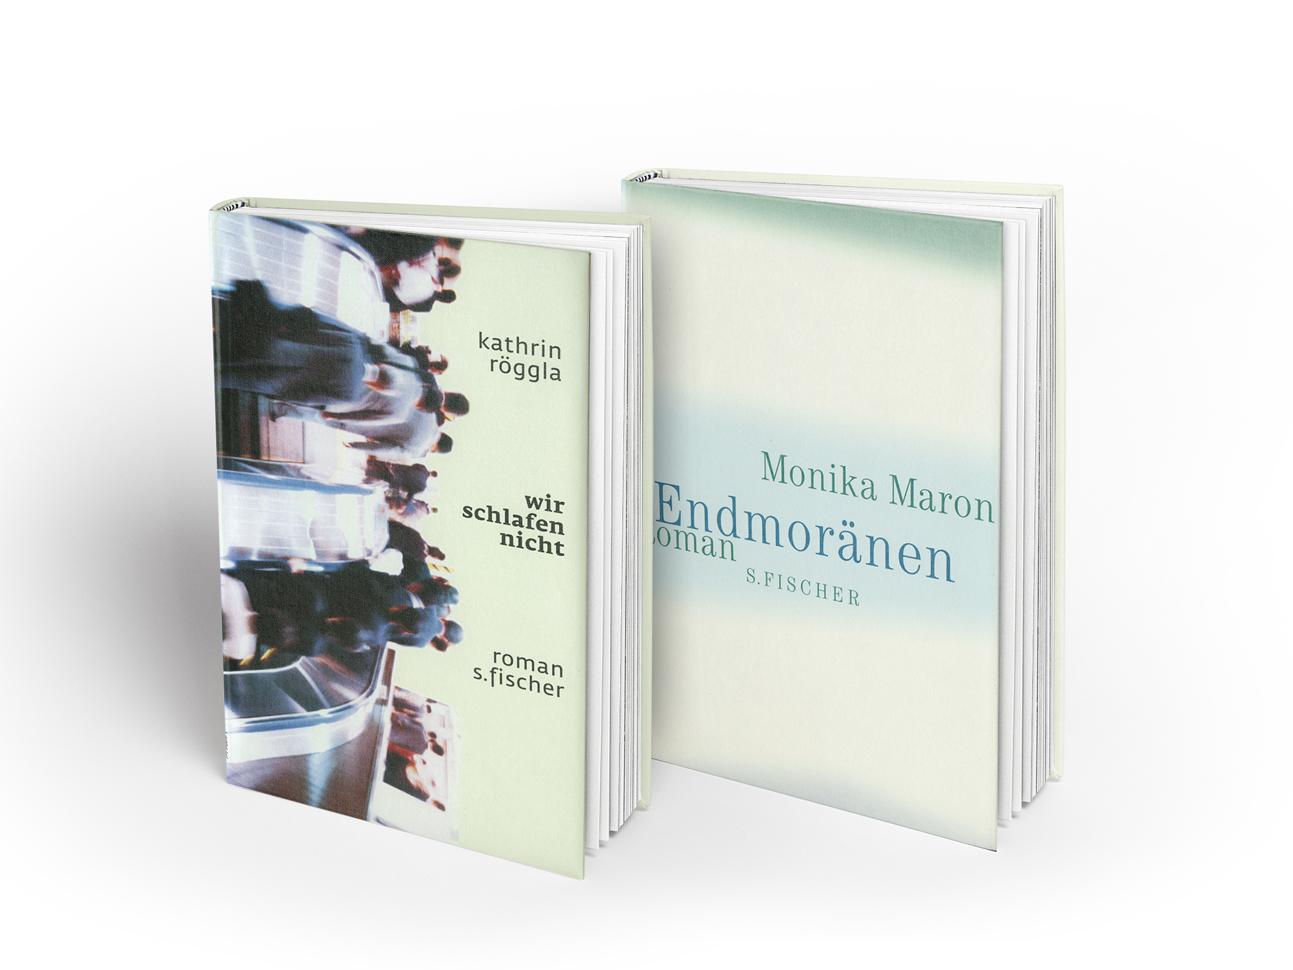 martin_zech_design_buchcovergestaltung_s_fischer_verlag_monika_maron_endmoraenen_kathrin_roeggla_schlafen